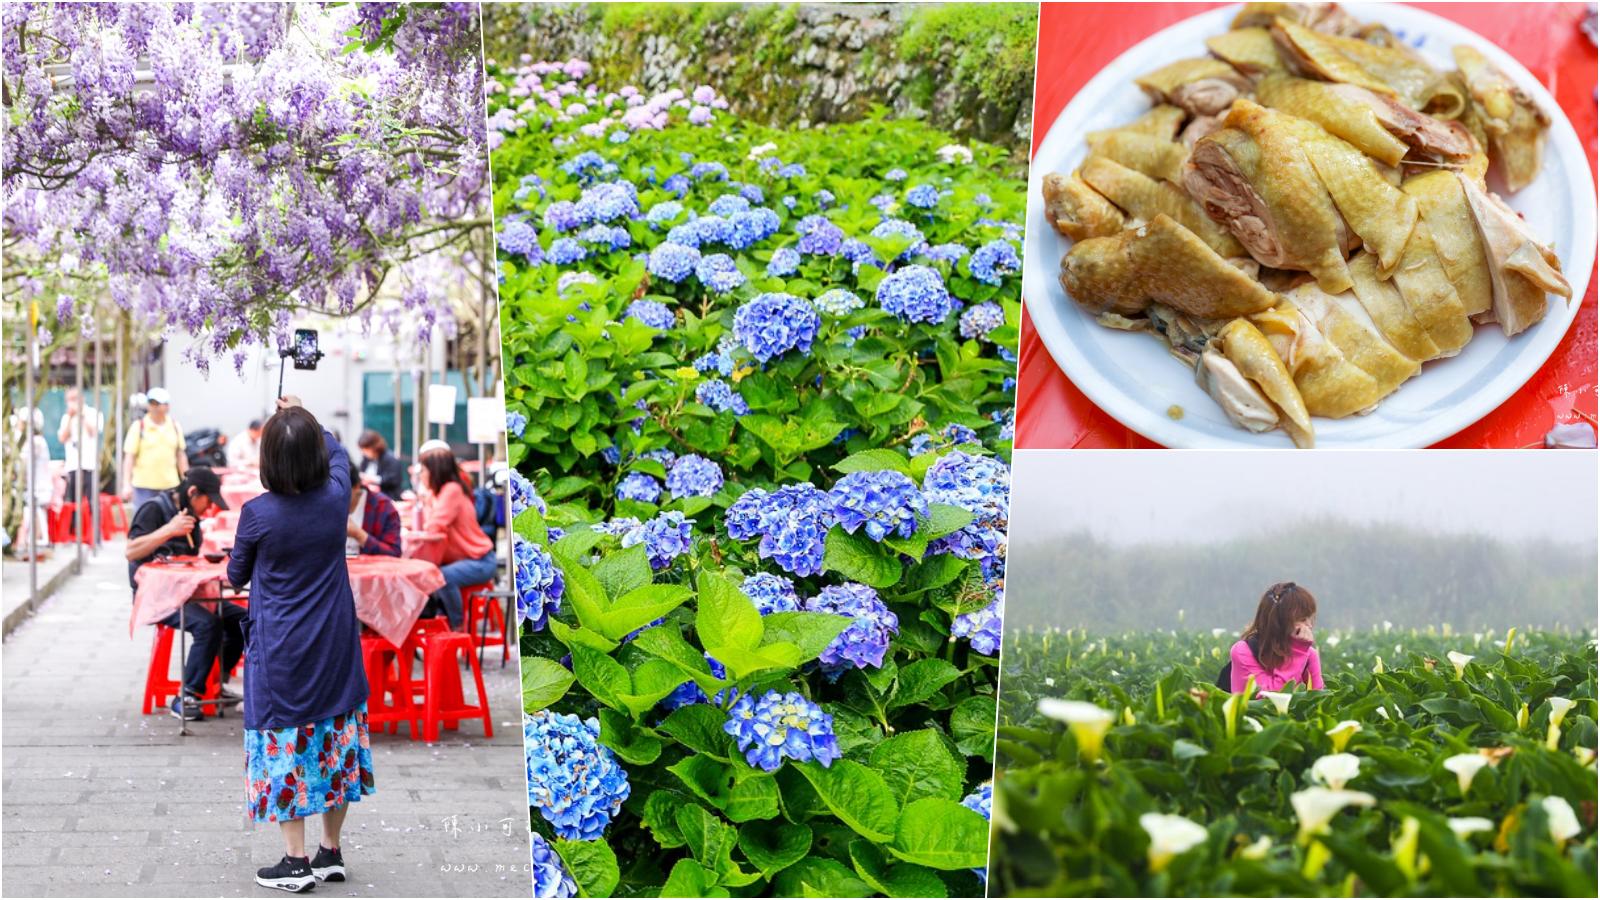 陽明山美食:5間陽明山土雞名單分享,竹子湖餐廳推薦!